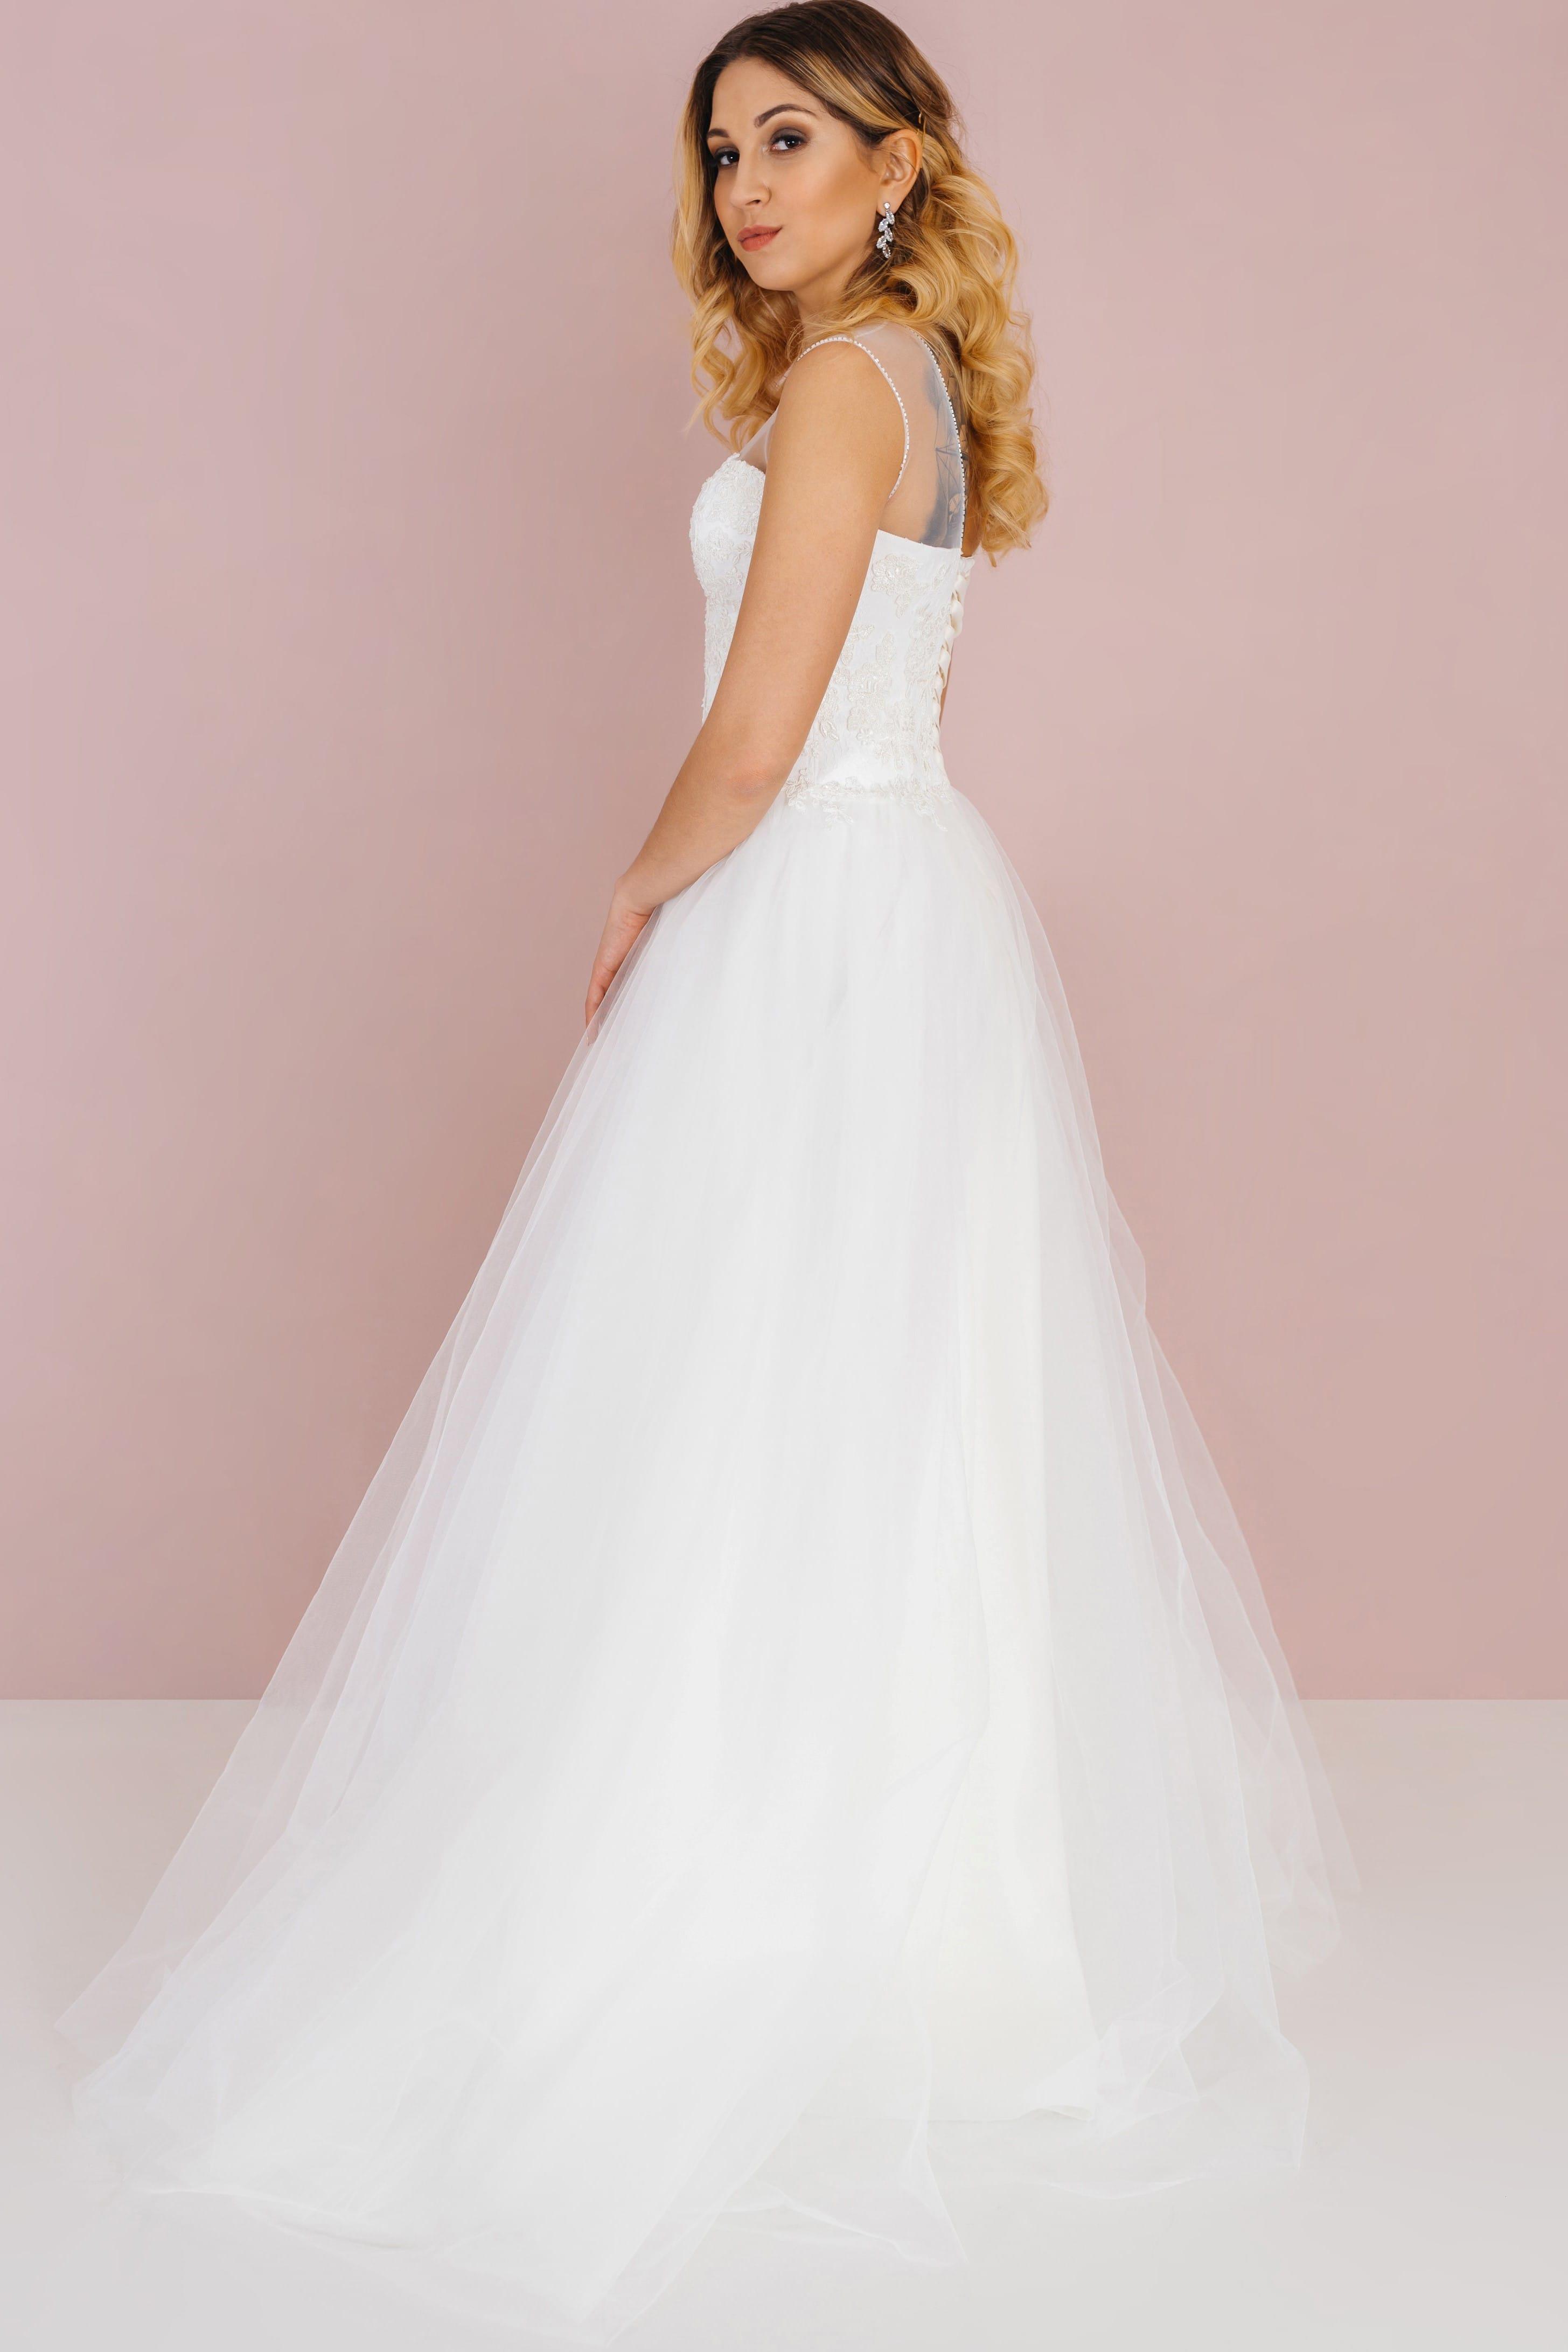 Свадебное платье GRACE, коллекция LOFT, бренд RARE BRIDAL, фото 12